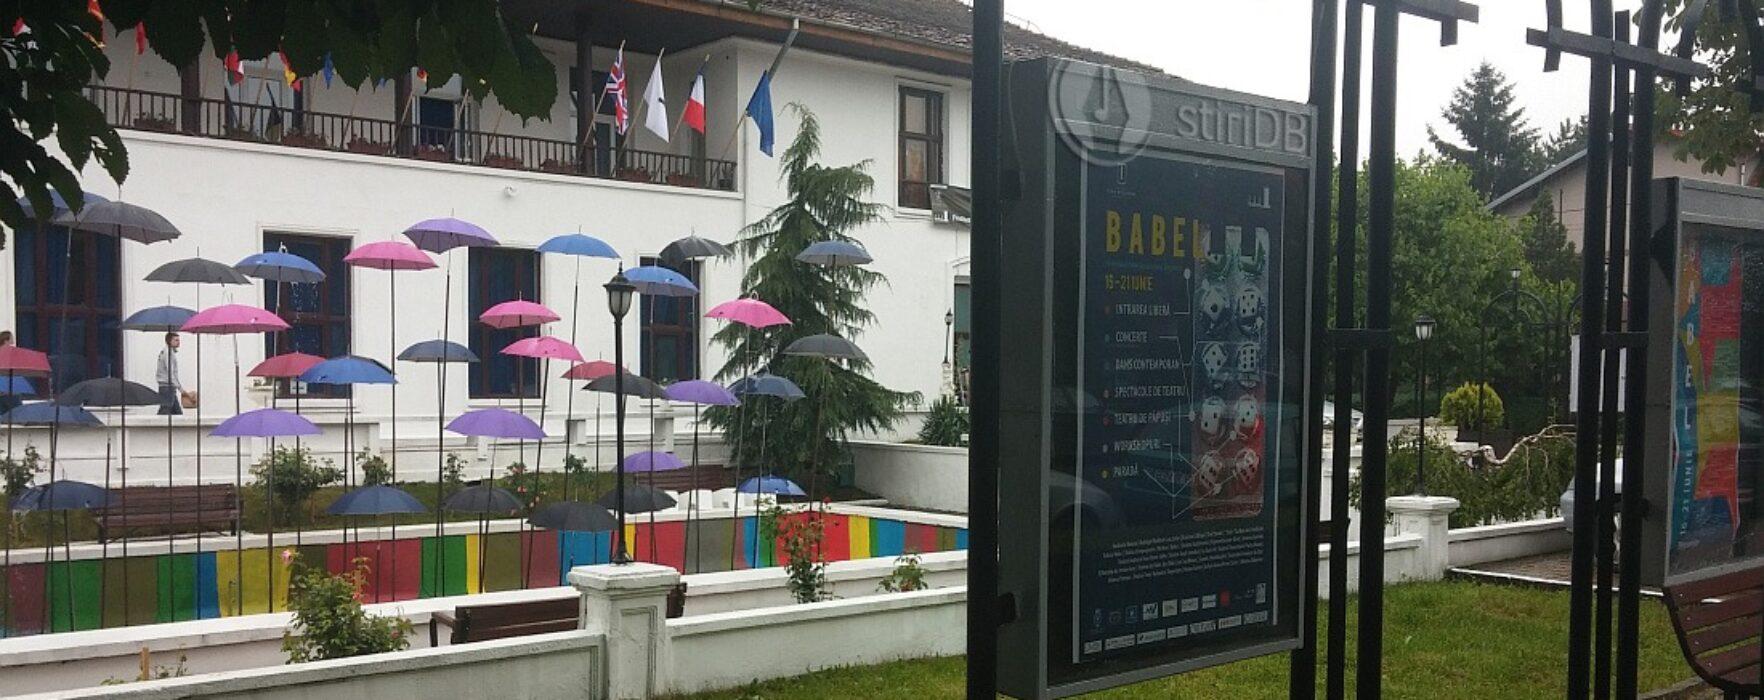 Spectacole Festival Babel – miercuri